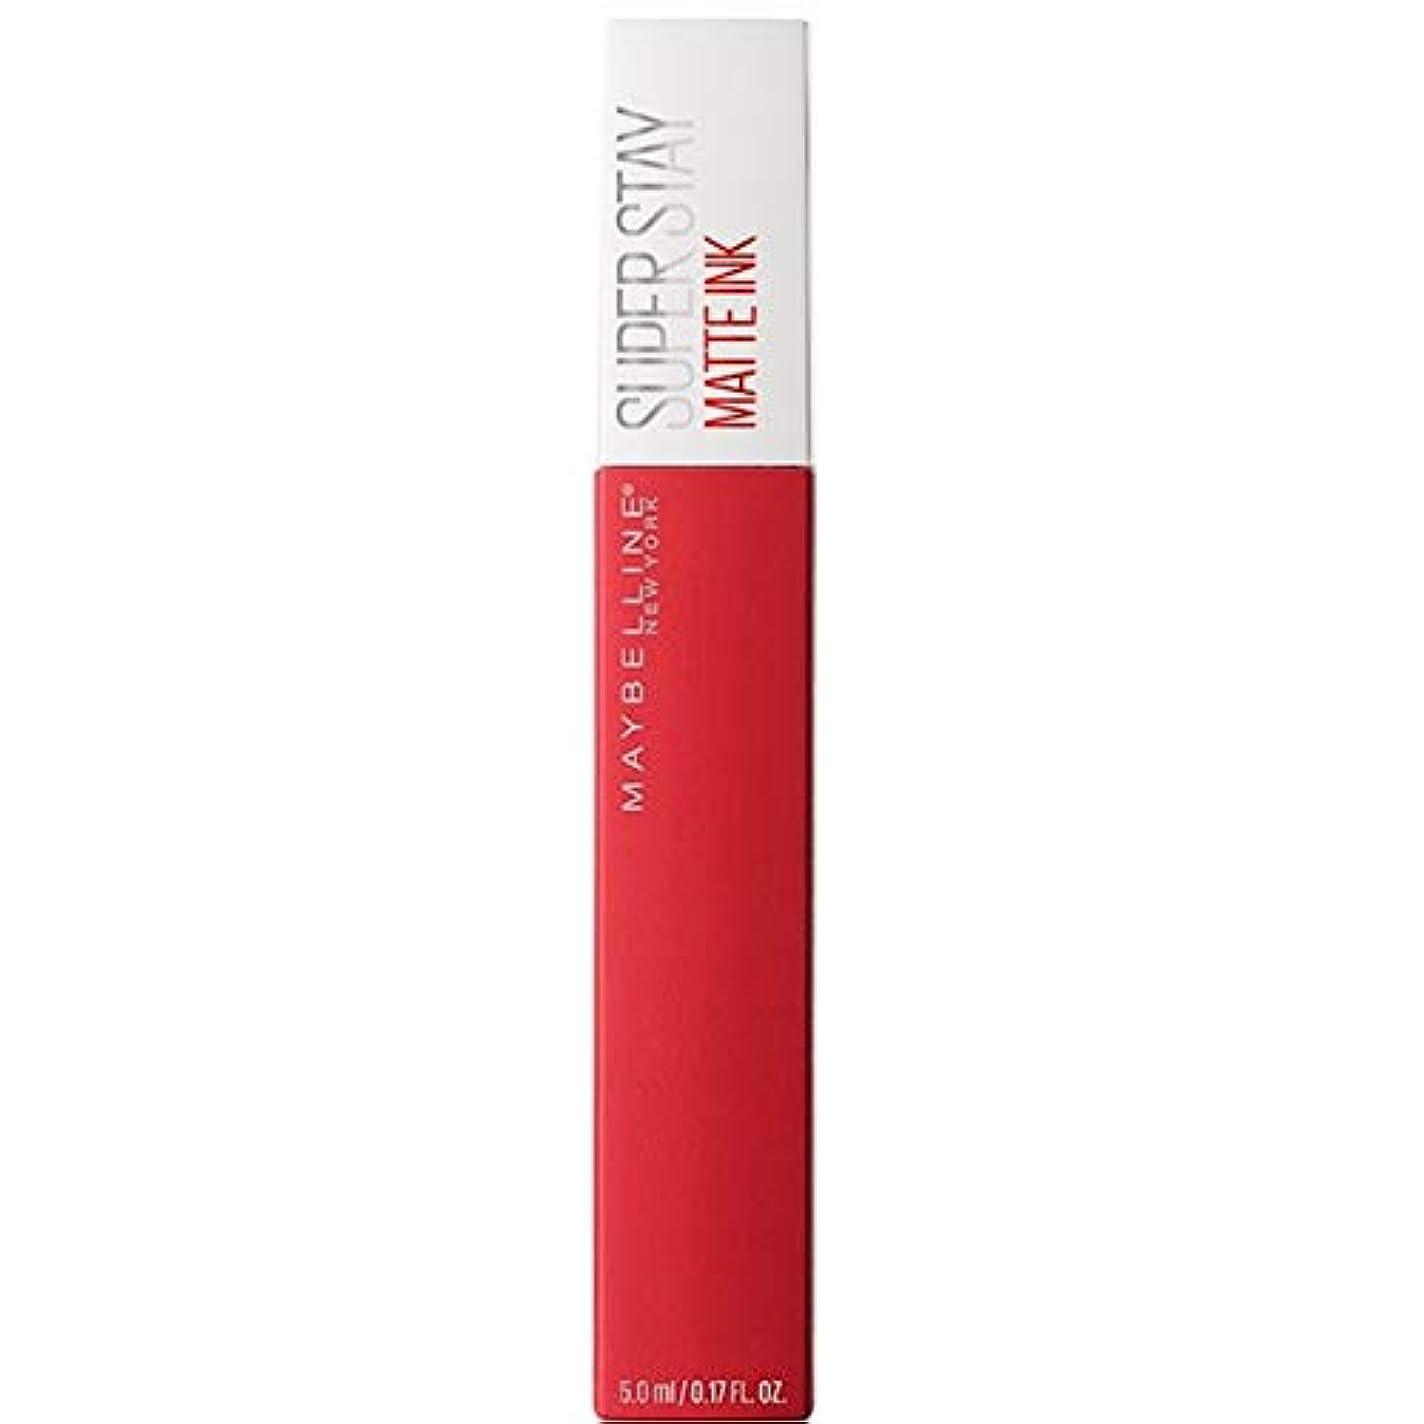 ハムの量農場[Maybelline ] メイベリンSuperstayマットインク液20パイオニア - Maybelline Superstay Matte Ink Liquid 20 Pioneer [並行輸入品]